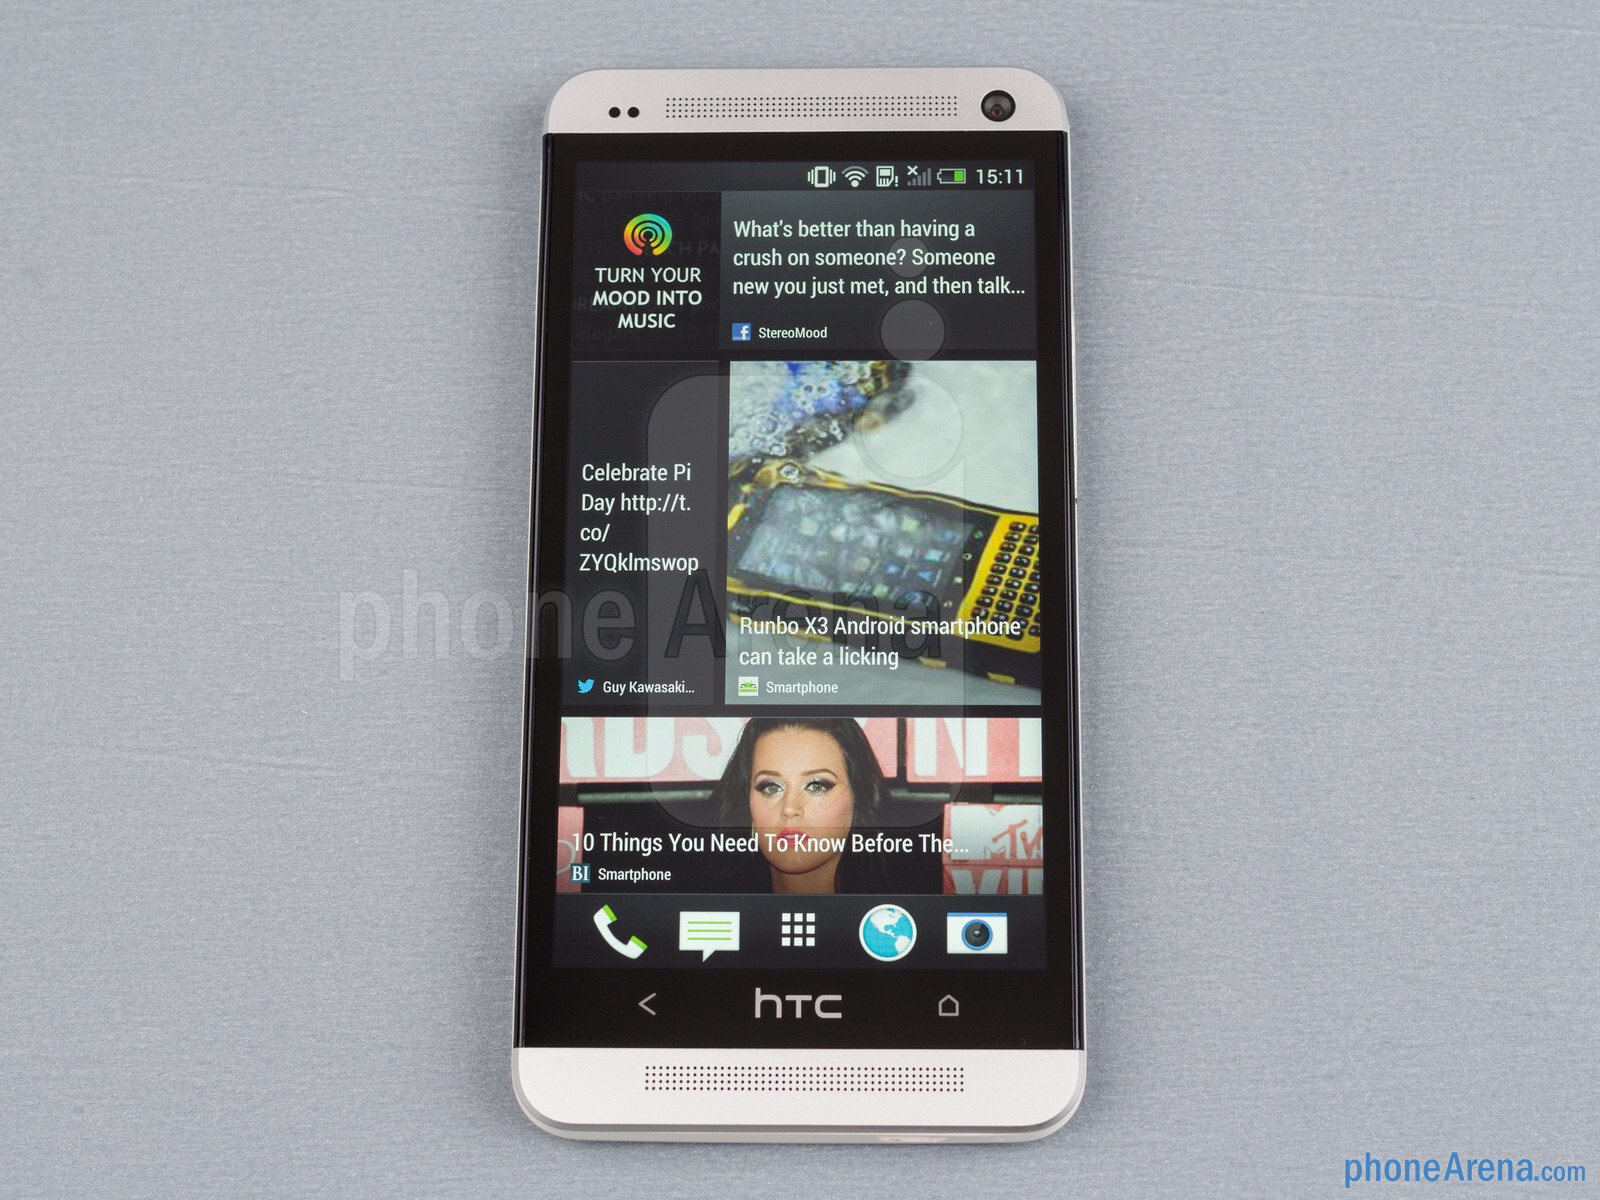 Xperia Z Vs Galaxy S4 Vs Iphone 5 Camera comparison: HTC...